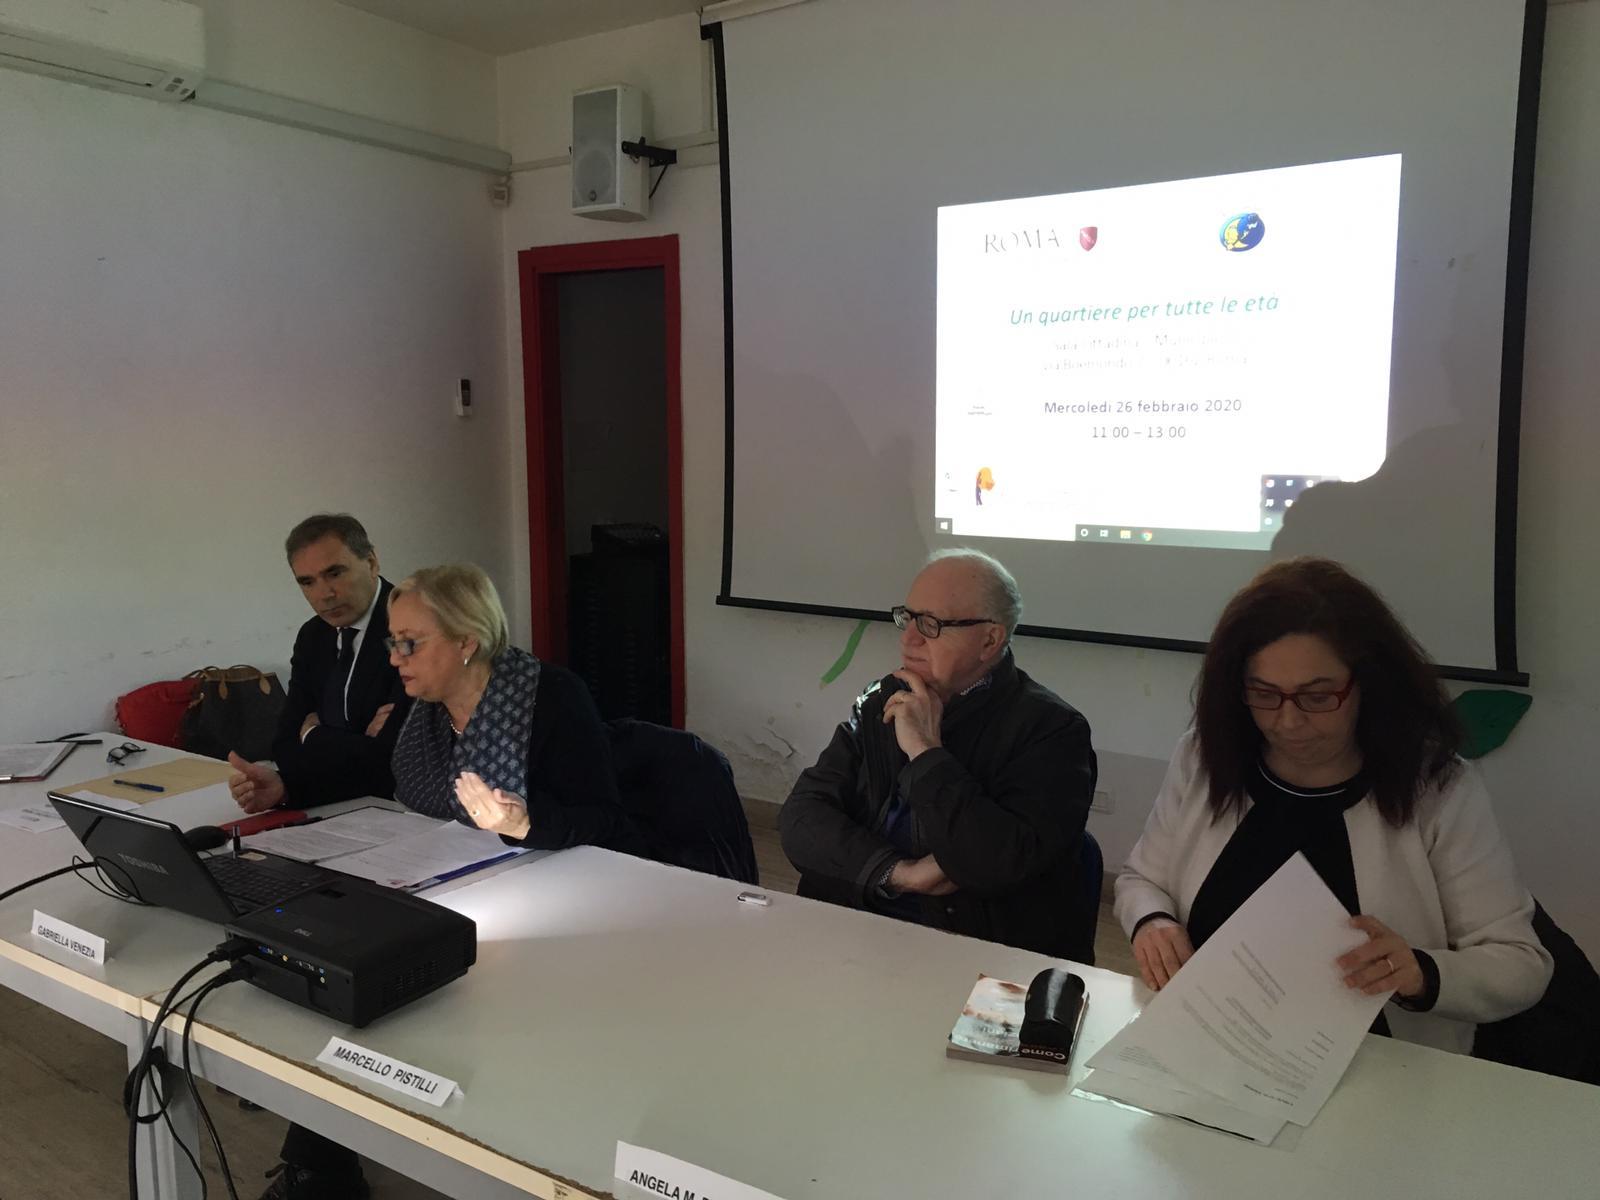 The second training workshop in Rome 2020.FEB.26 (EN+IT)